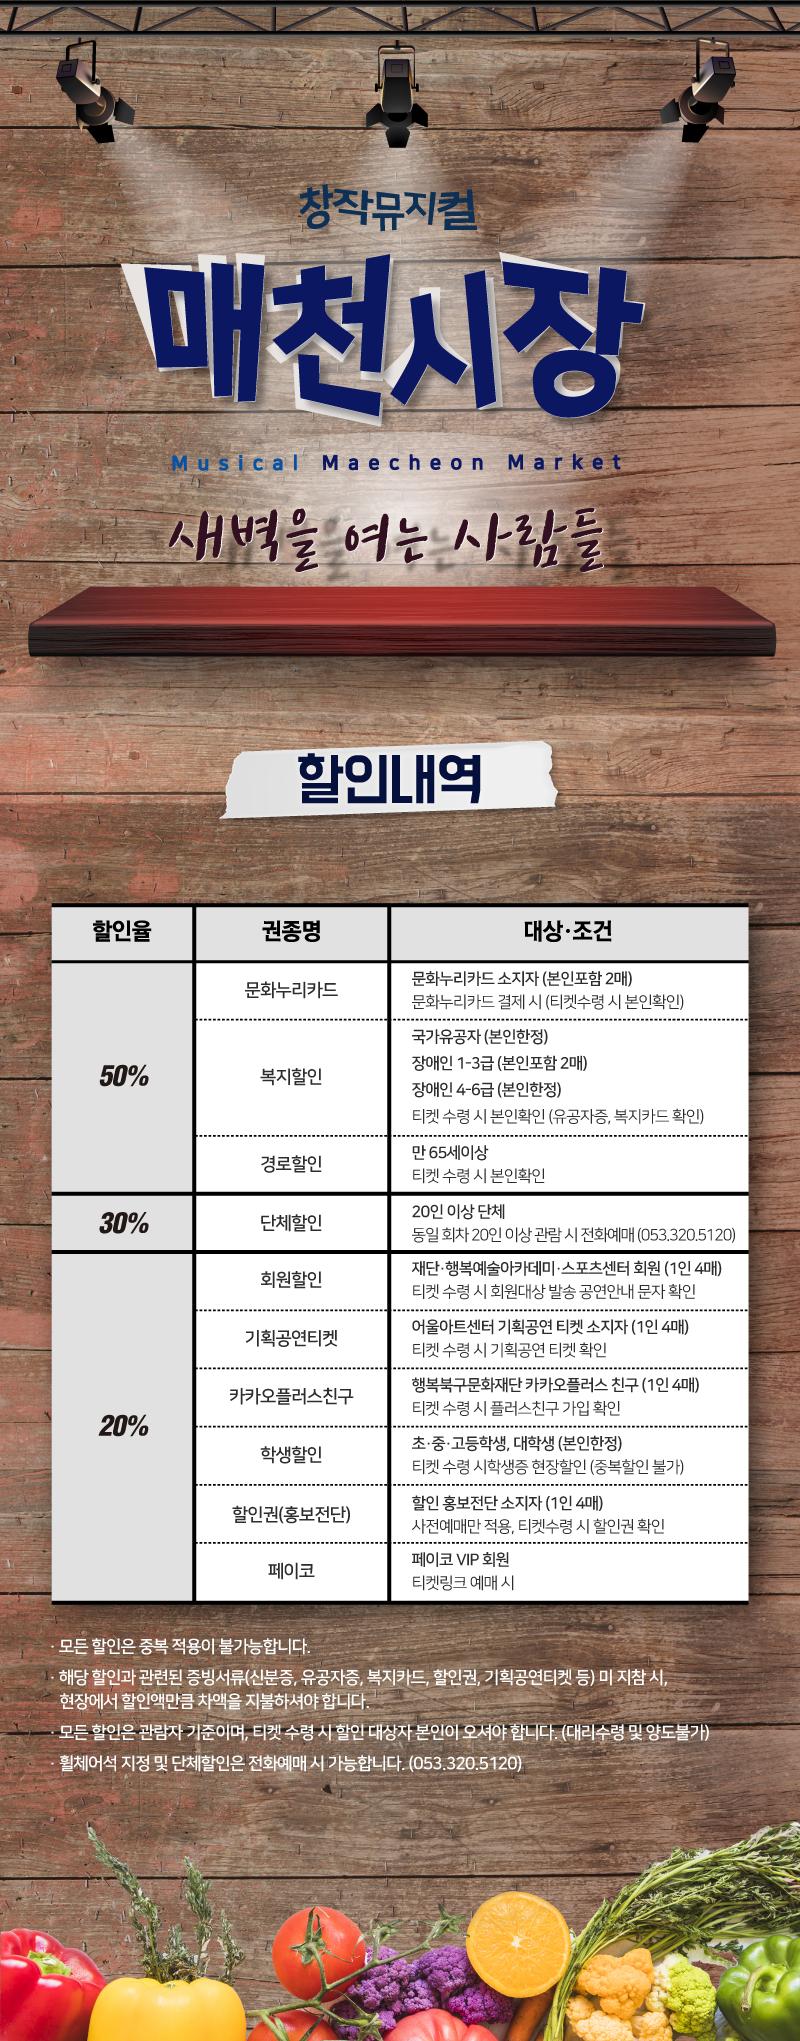 홈페이지_할인(매천시장).png